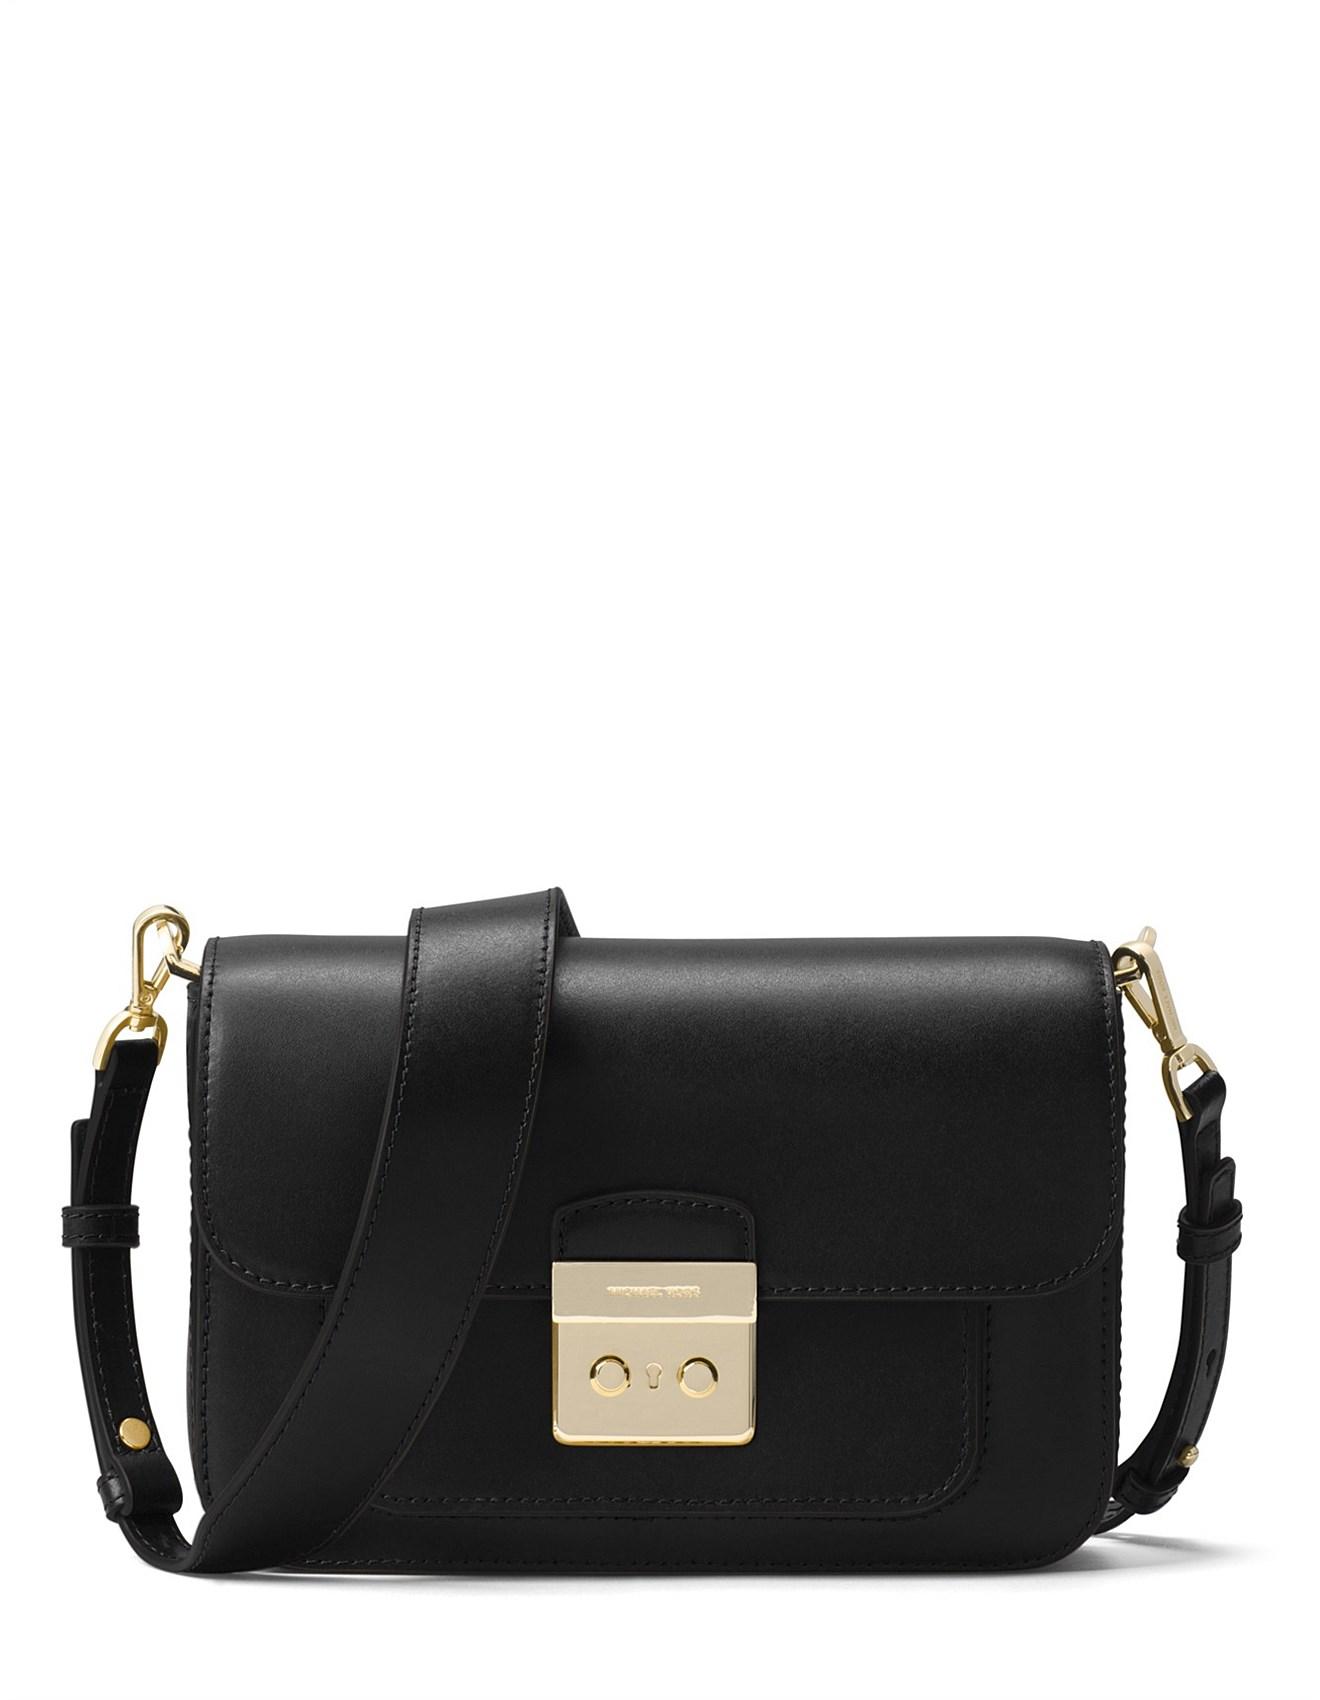 609cf57bc592 Sloan Editor Leather Shoulder Bag